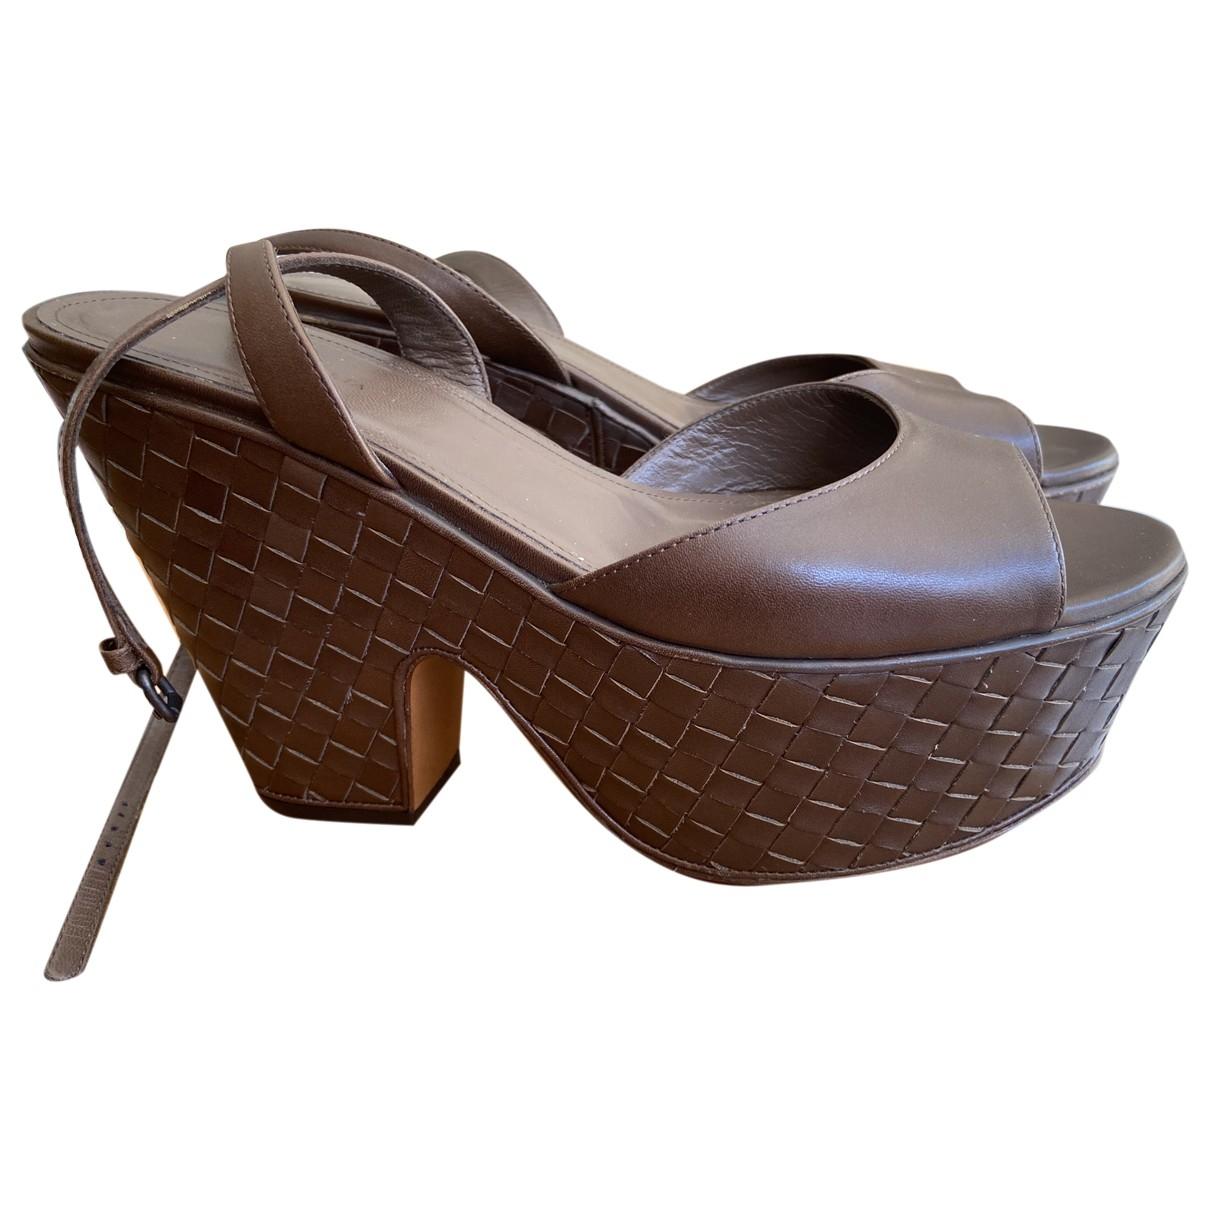 Bottega Veneta - Sandales   pour femme en cuir - marron